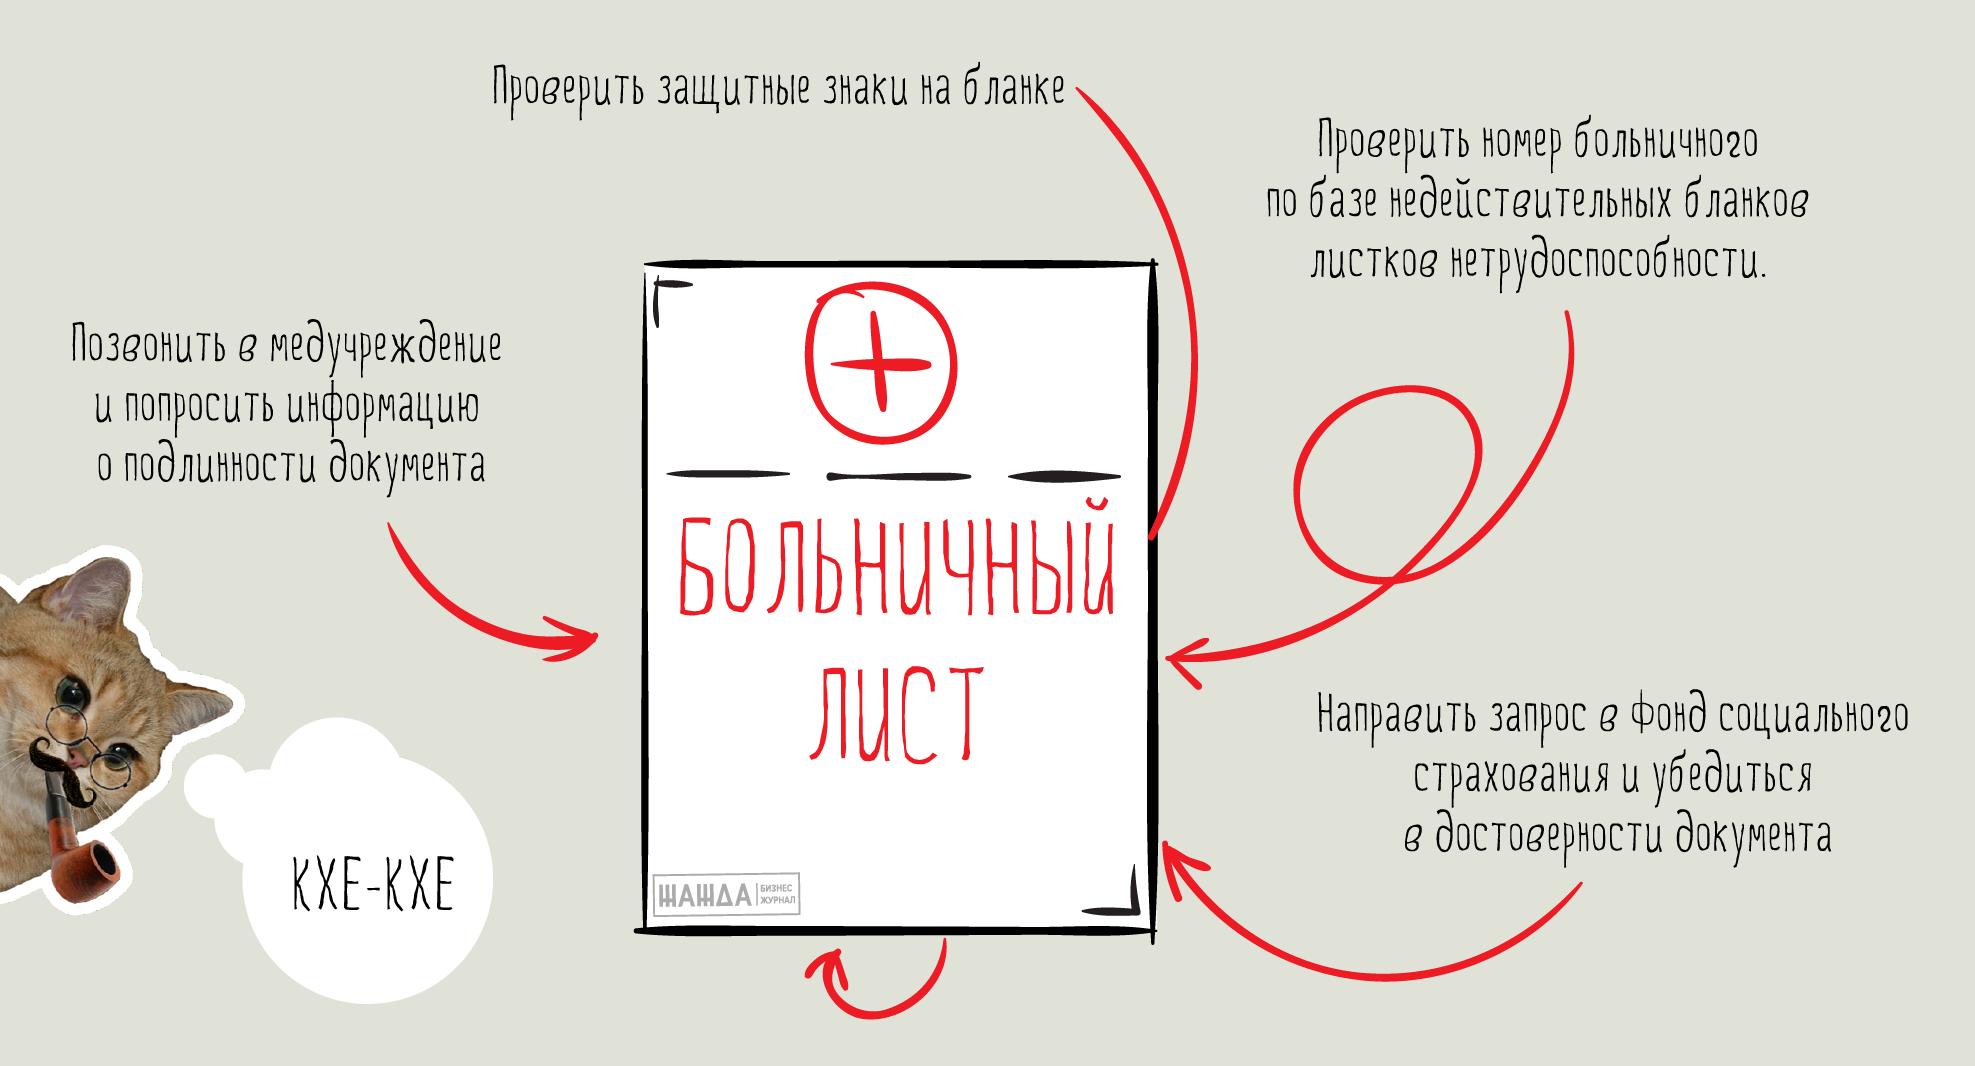 Способы проверки больничного листа